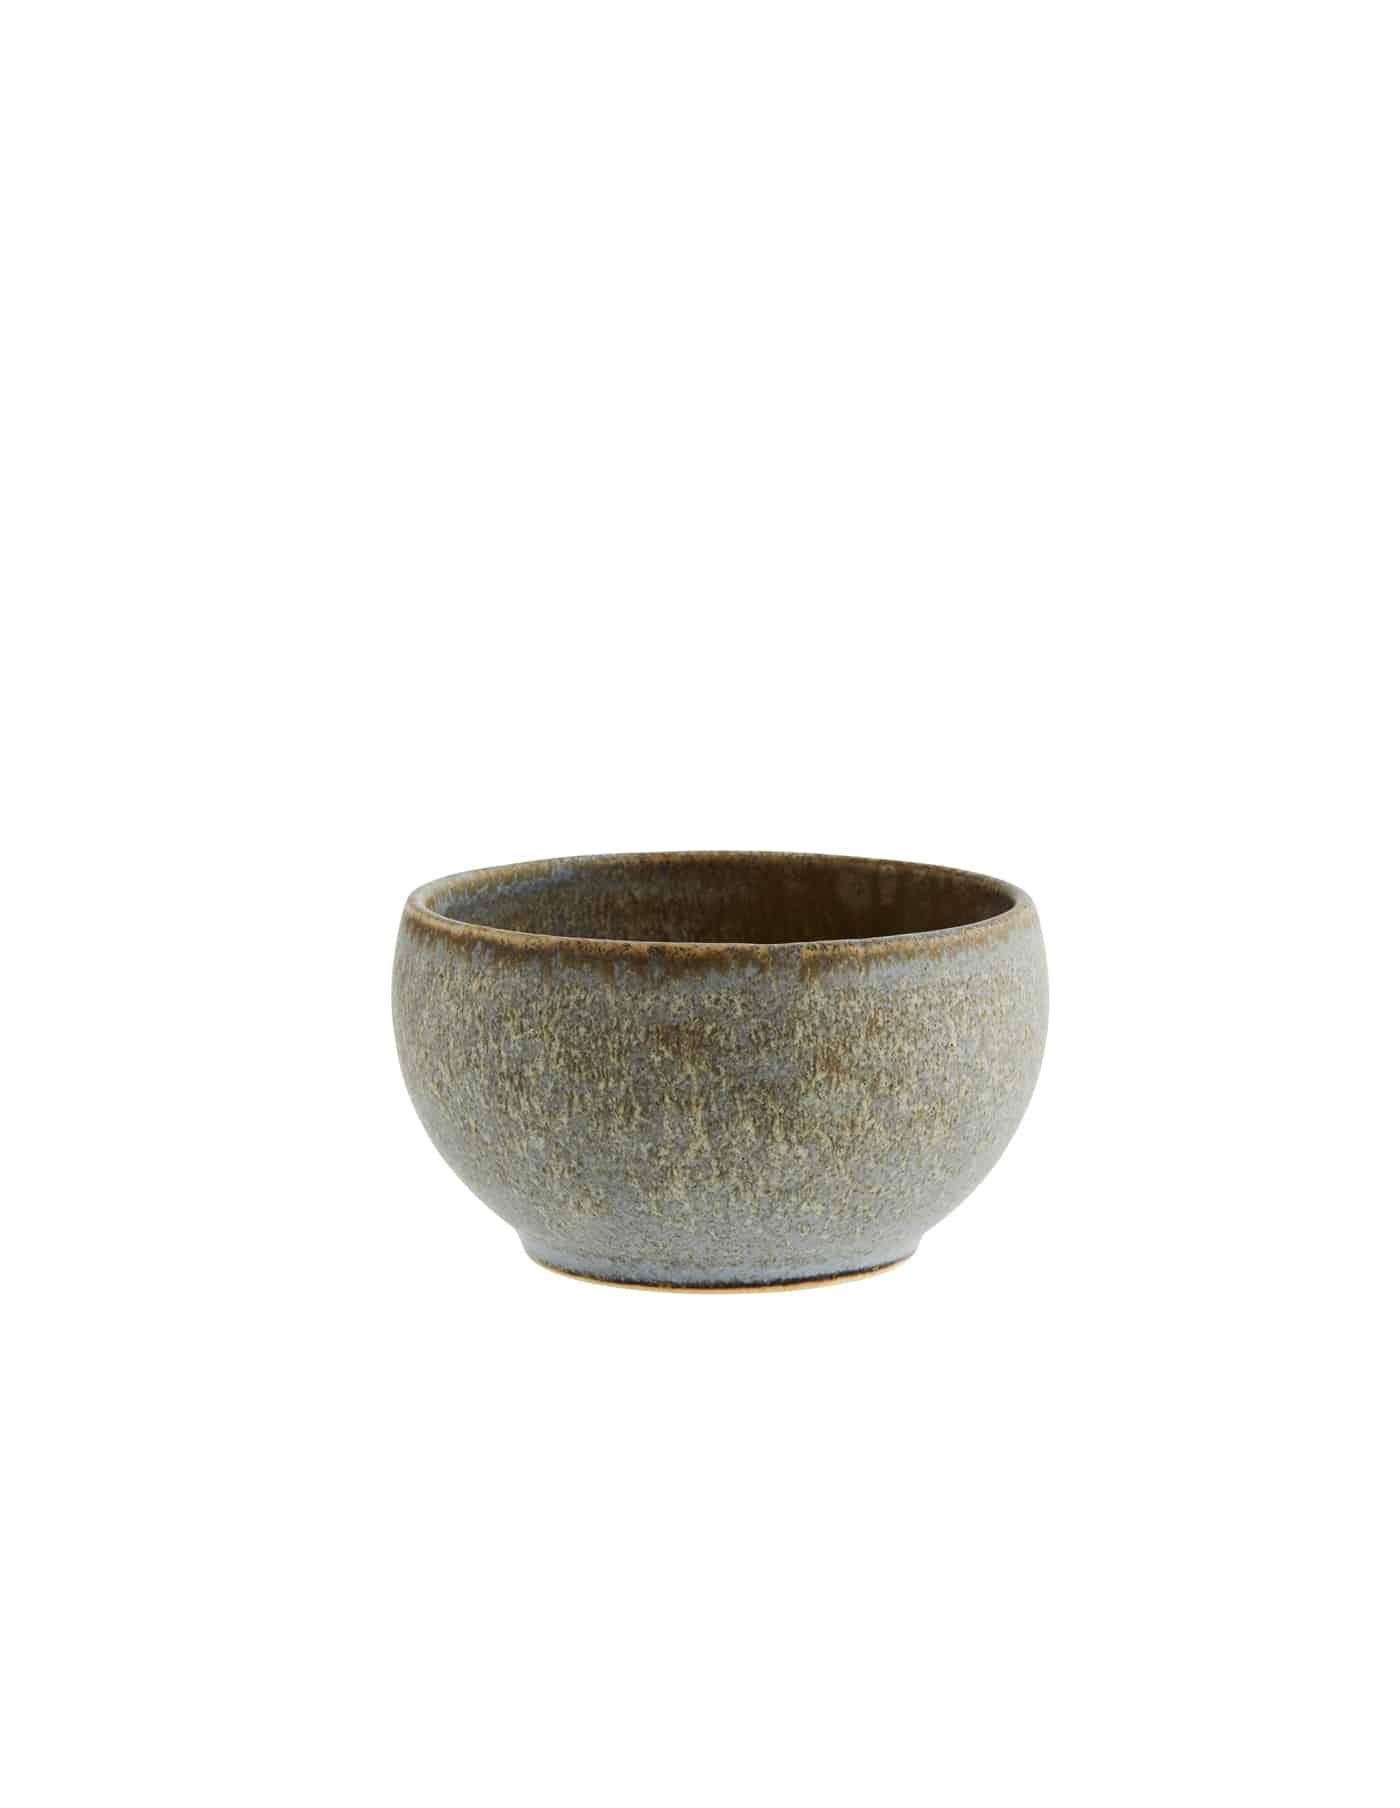 Medium Taupe Serving Bowl, Madam Stoltz